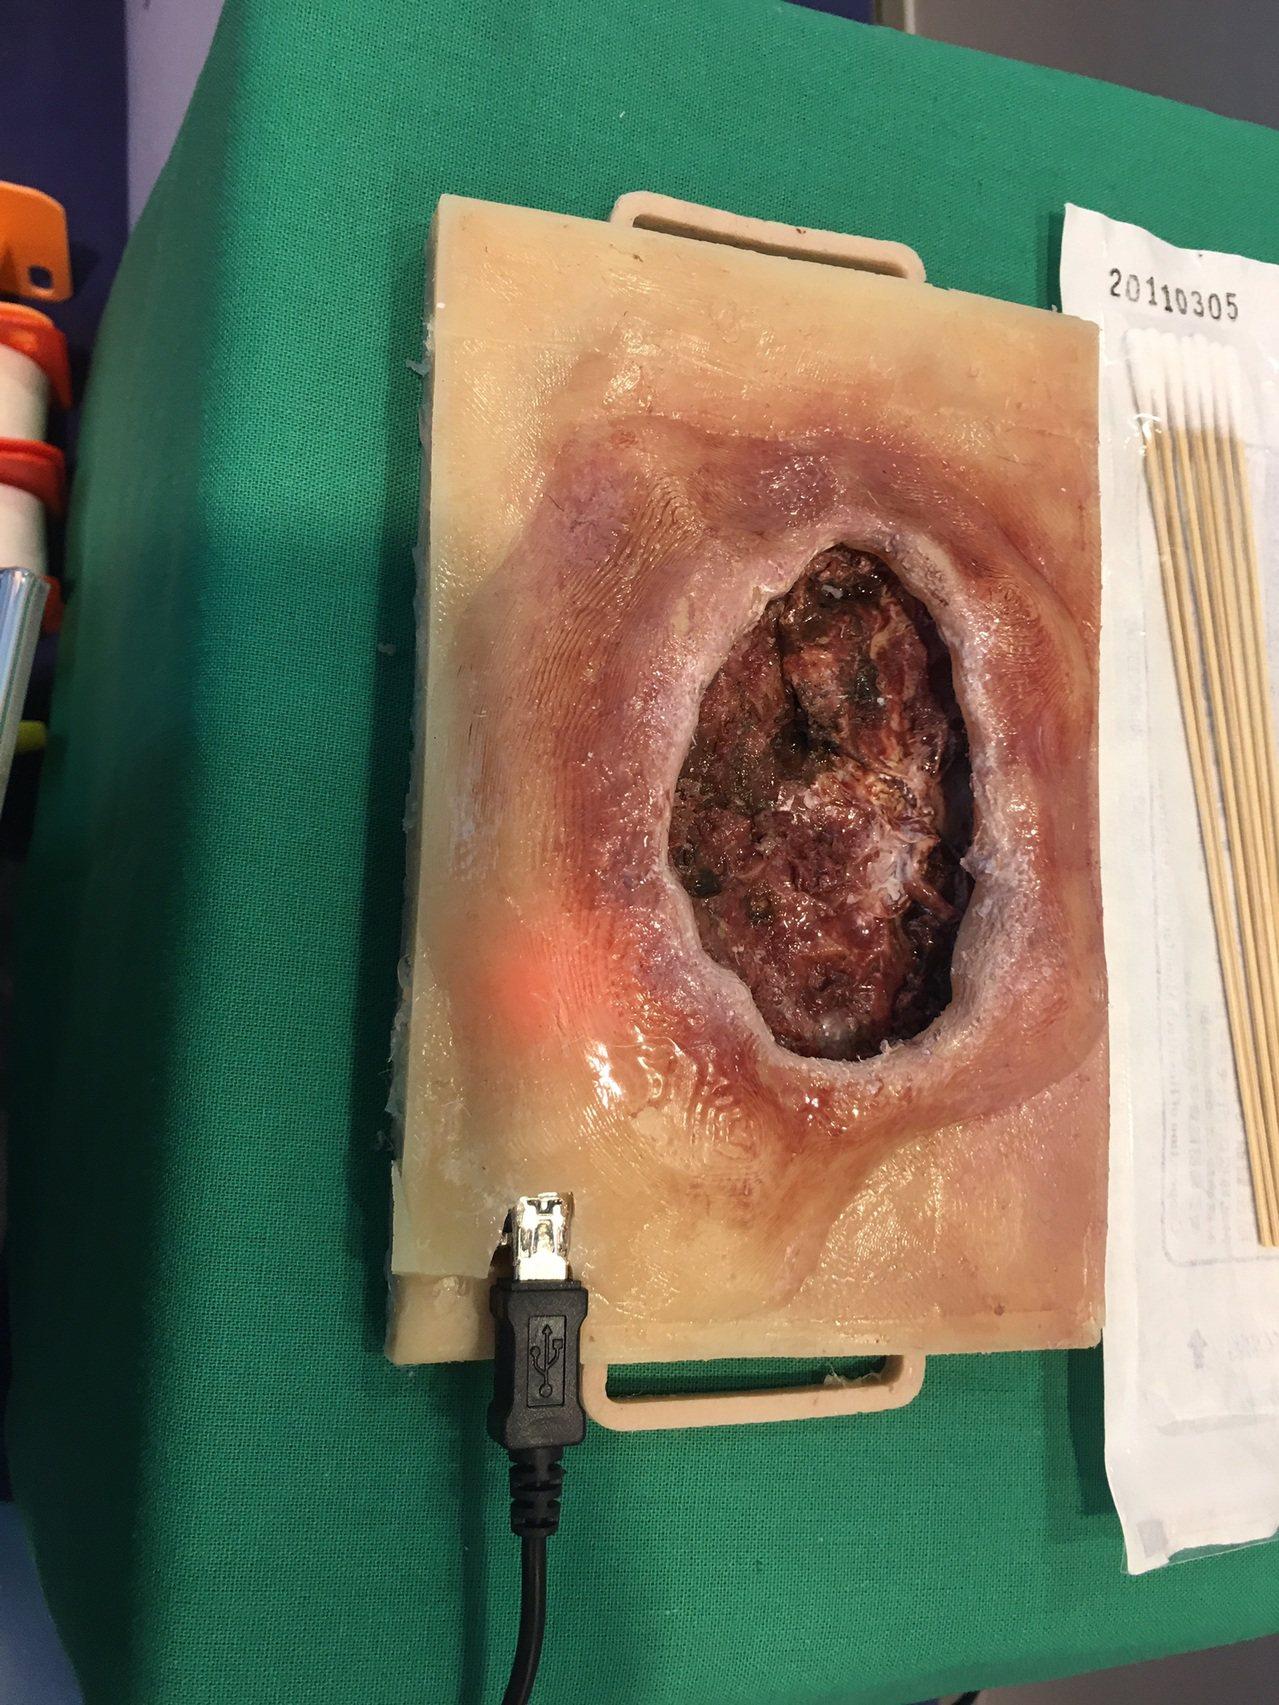 慈濟科技大學護理系師生設計研發的「具感應器之傷口教學模型」,透過3D列印與矽膠翻...